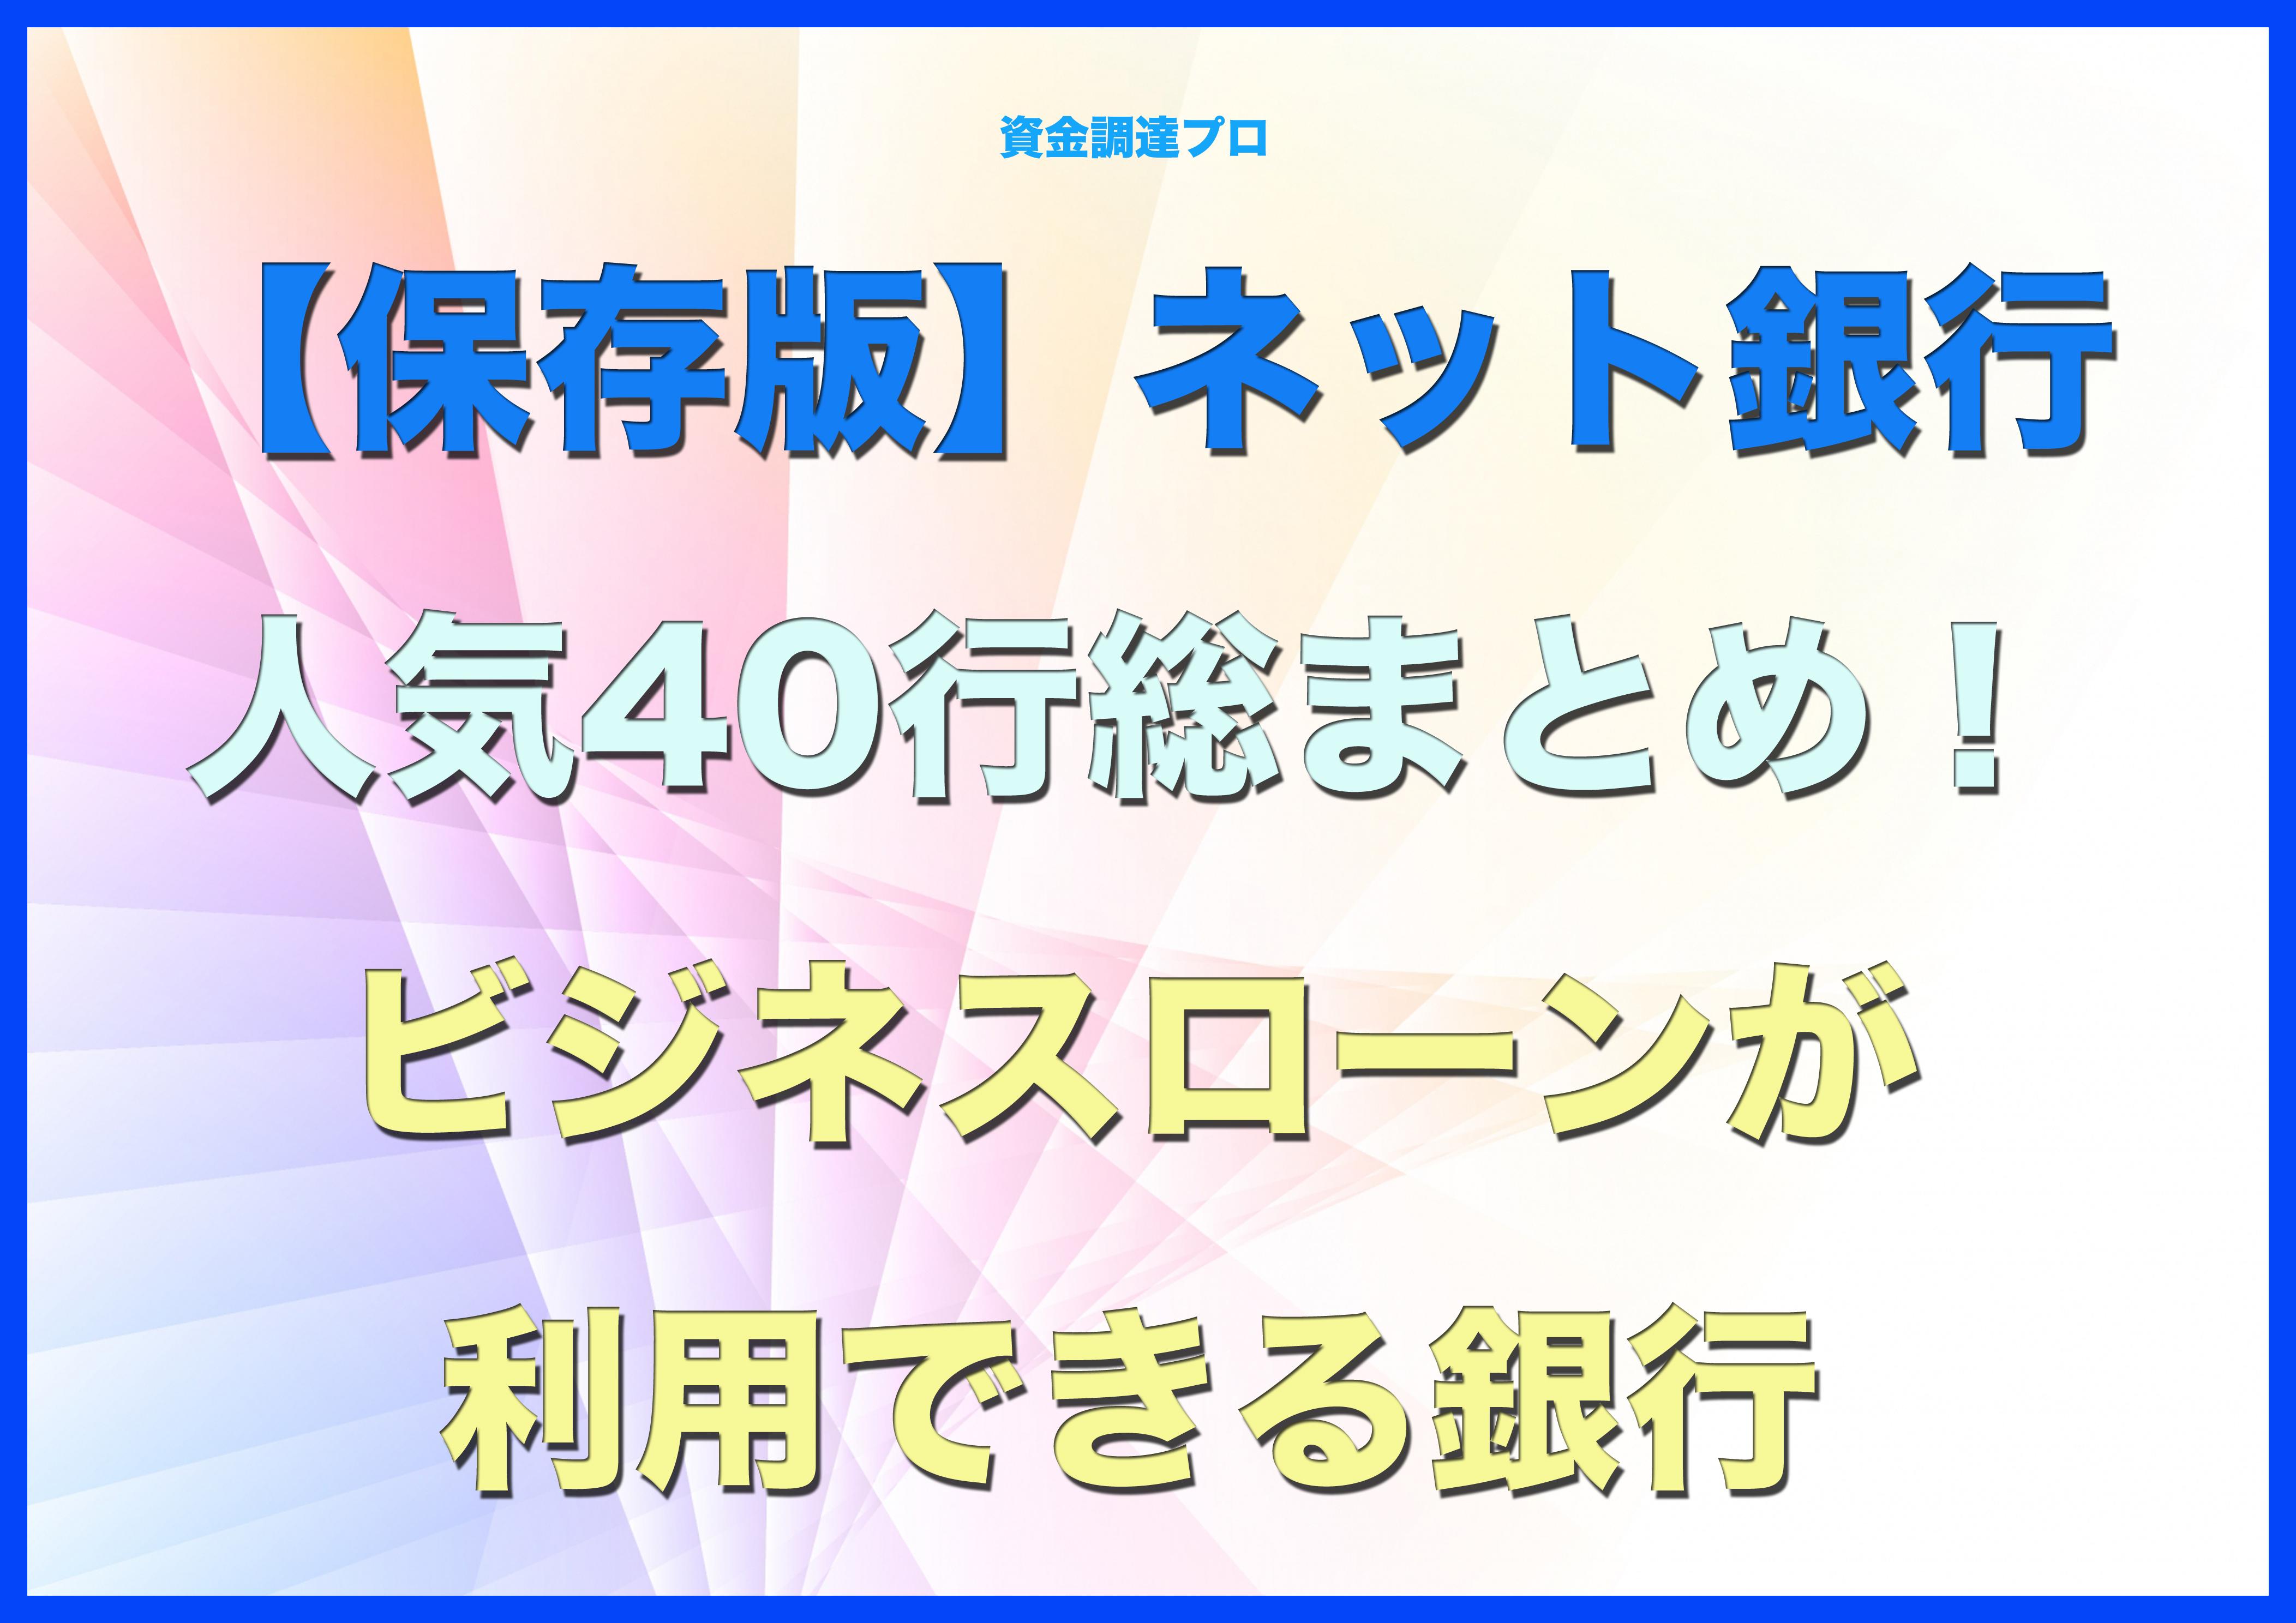 【保存版】ネット銀行人気40行総まとめ!ビジネスローンが利用できる銀行